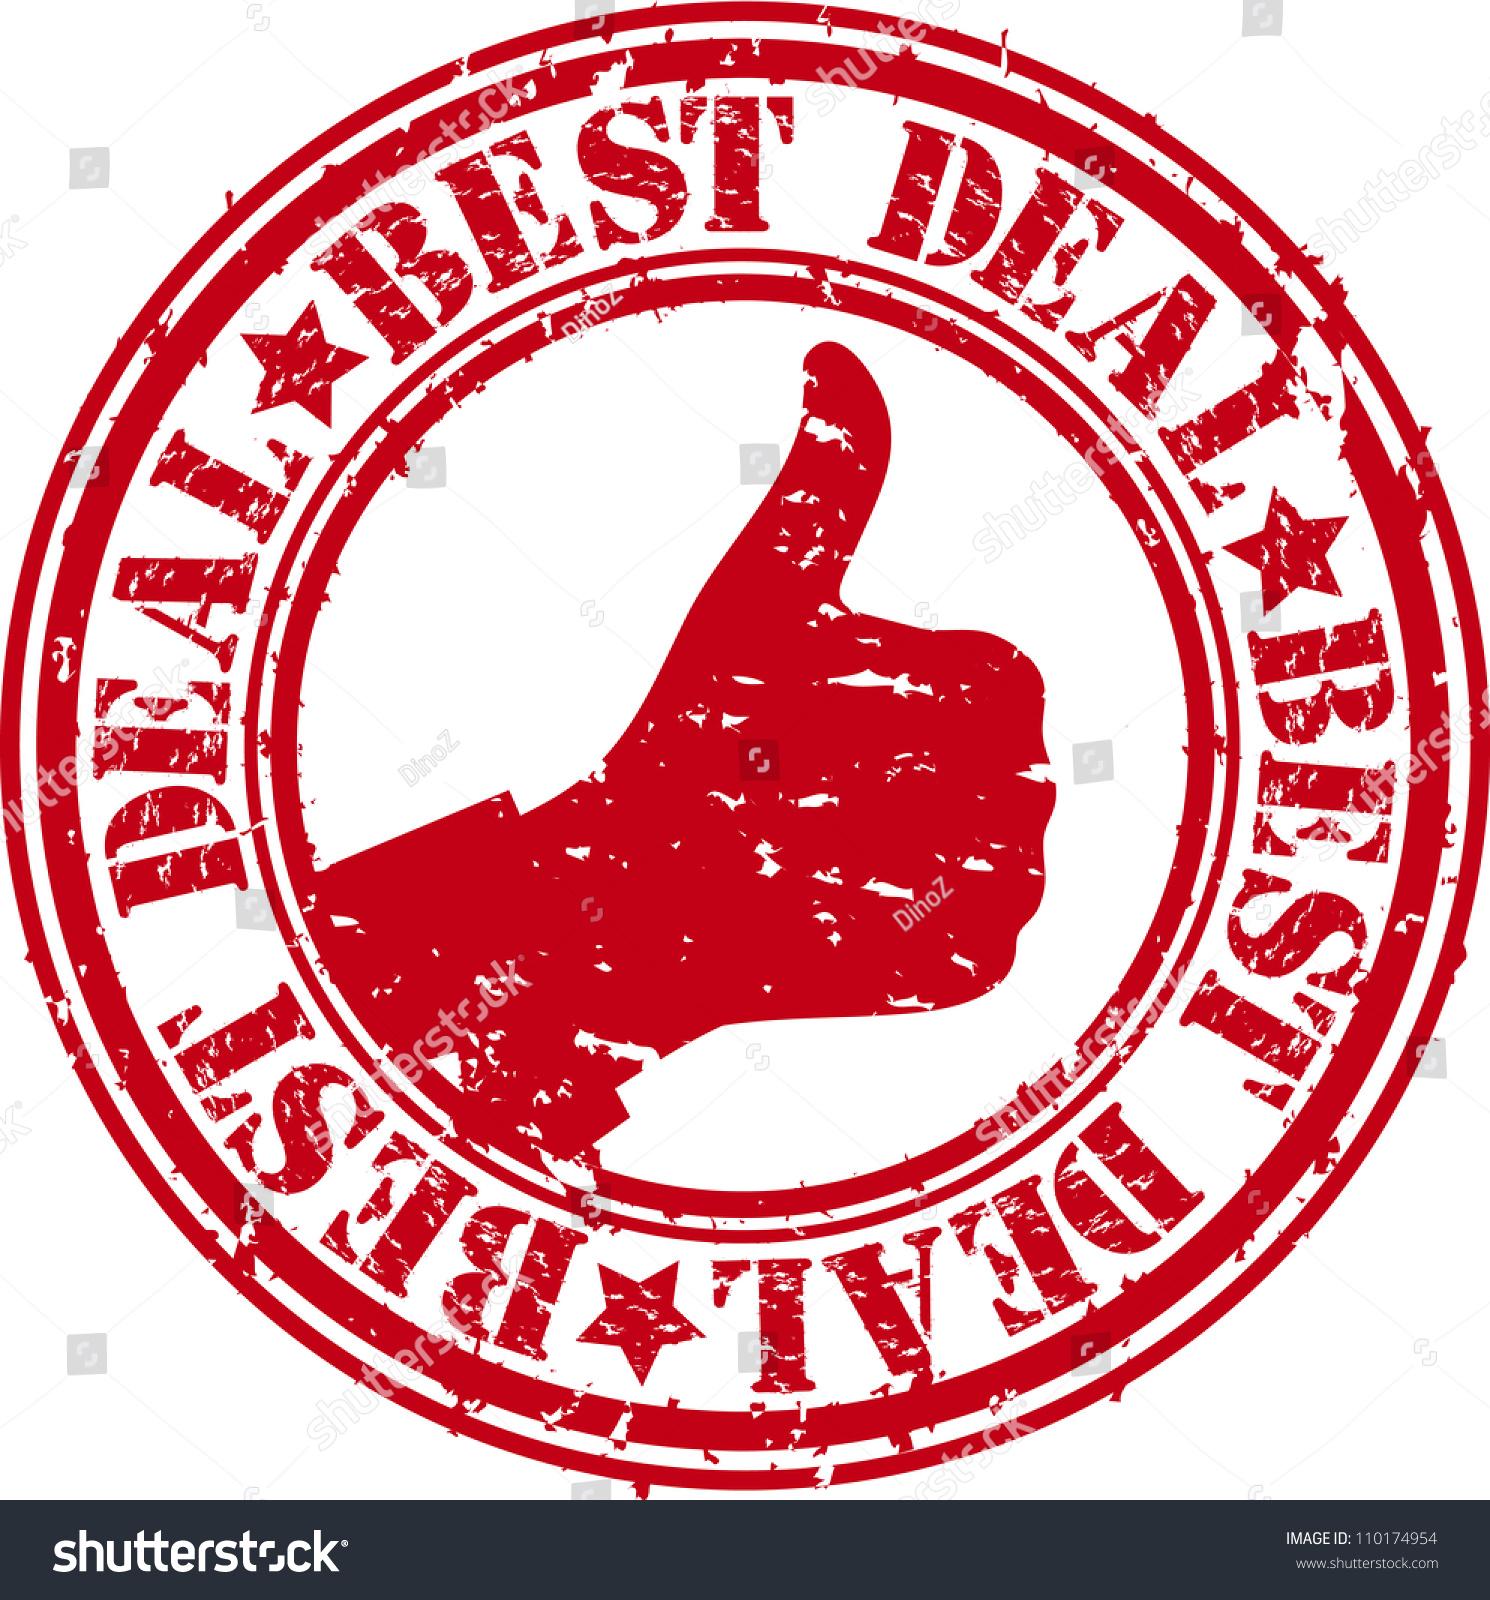 best stock deals